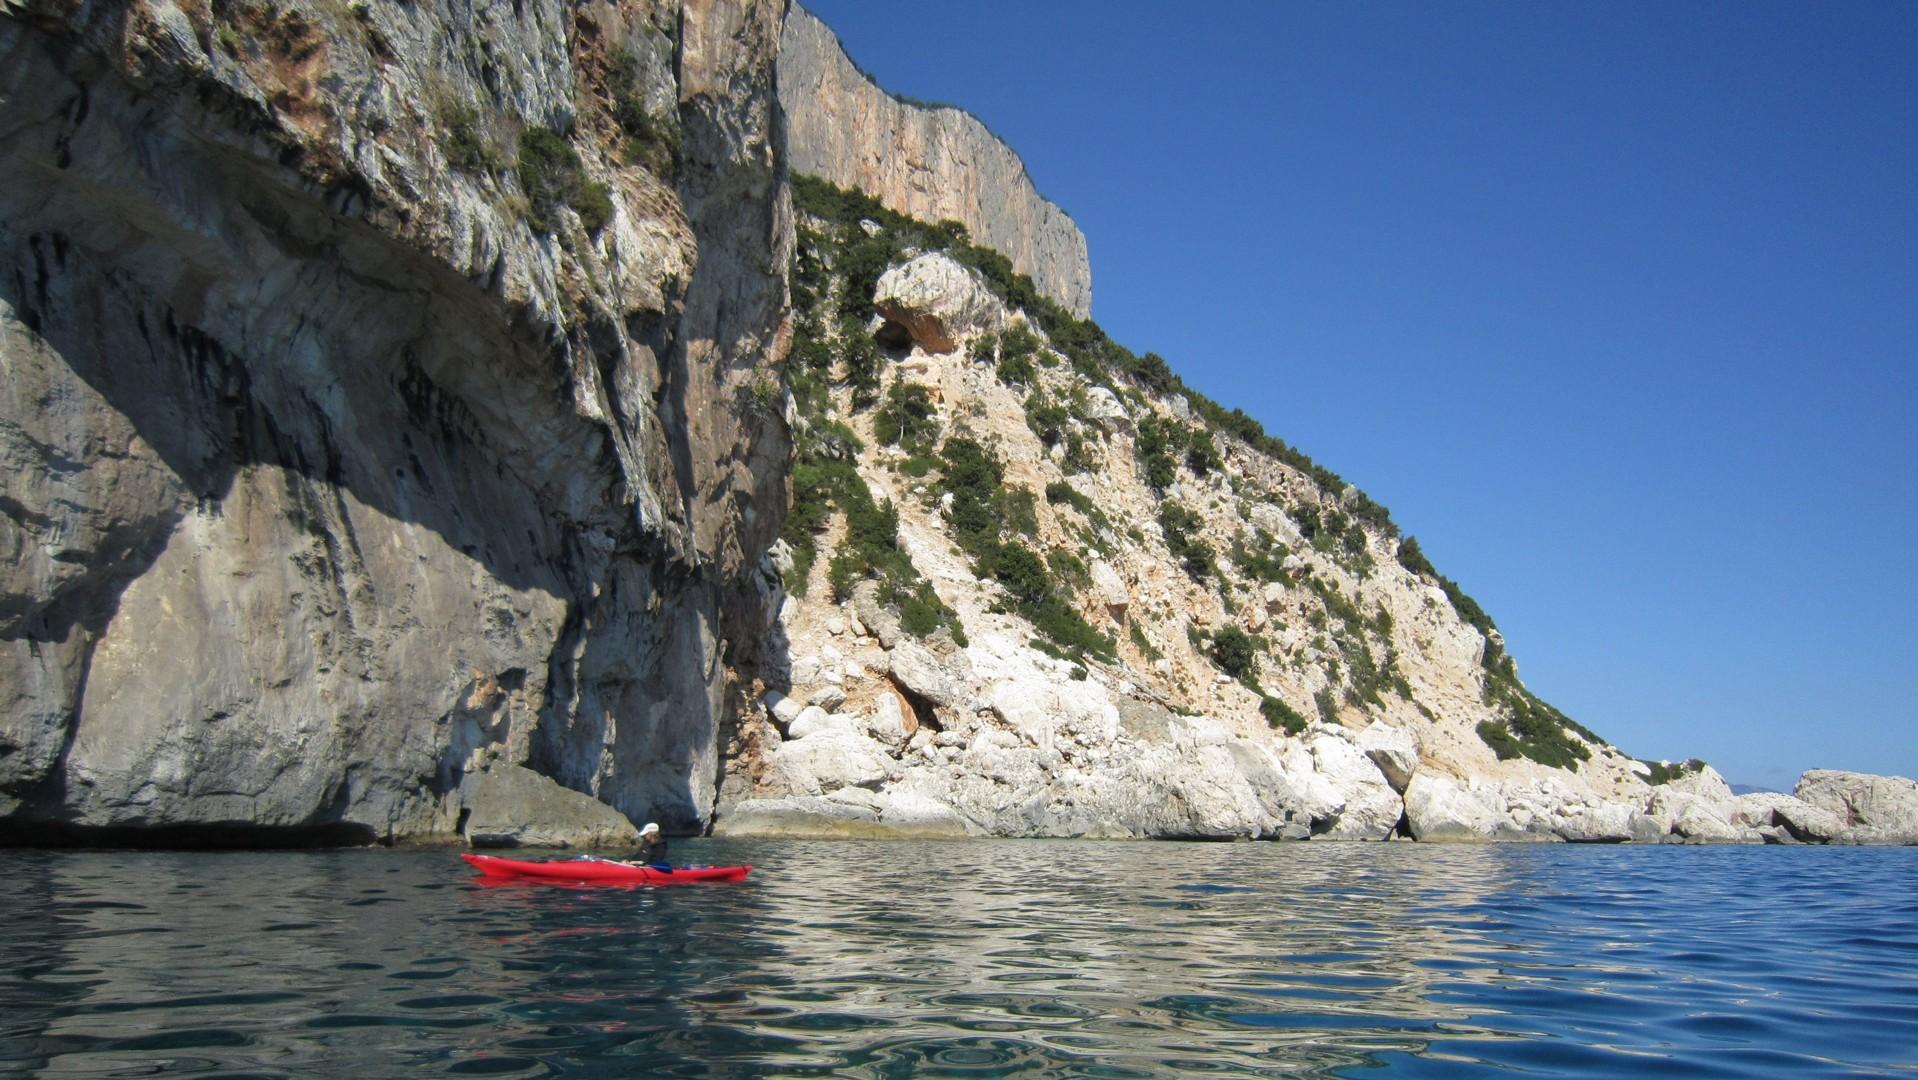 Kayak 2010 091.jpg - Sardinia - Wilderness Blue Sea Kayaking - Kayaking